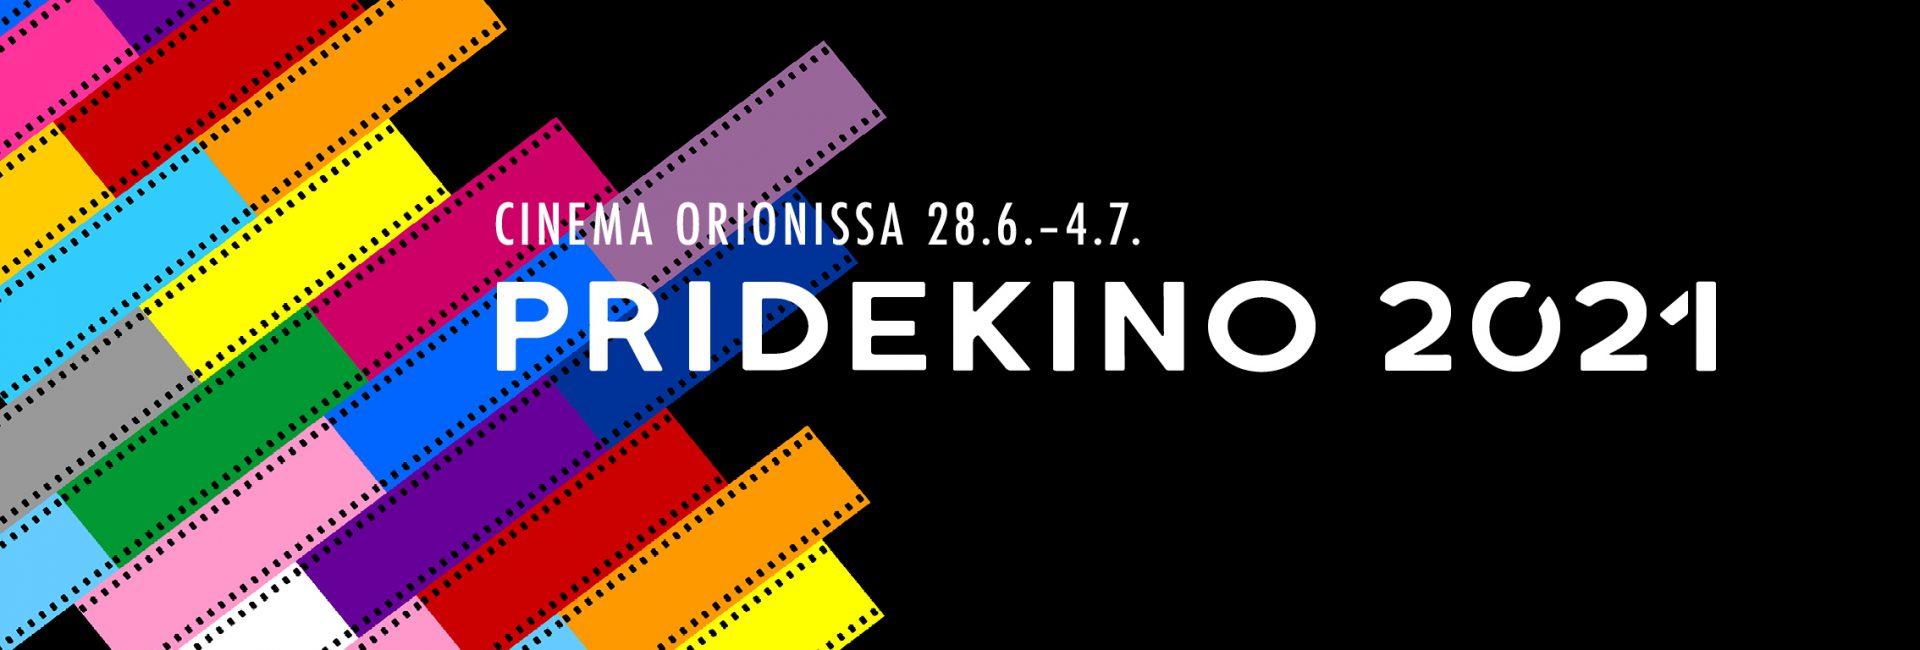 PRIDEKINO2021banneri